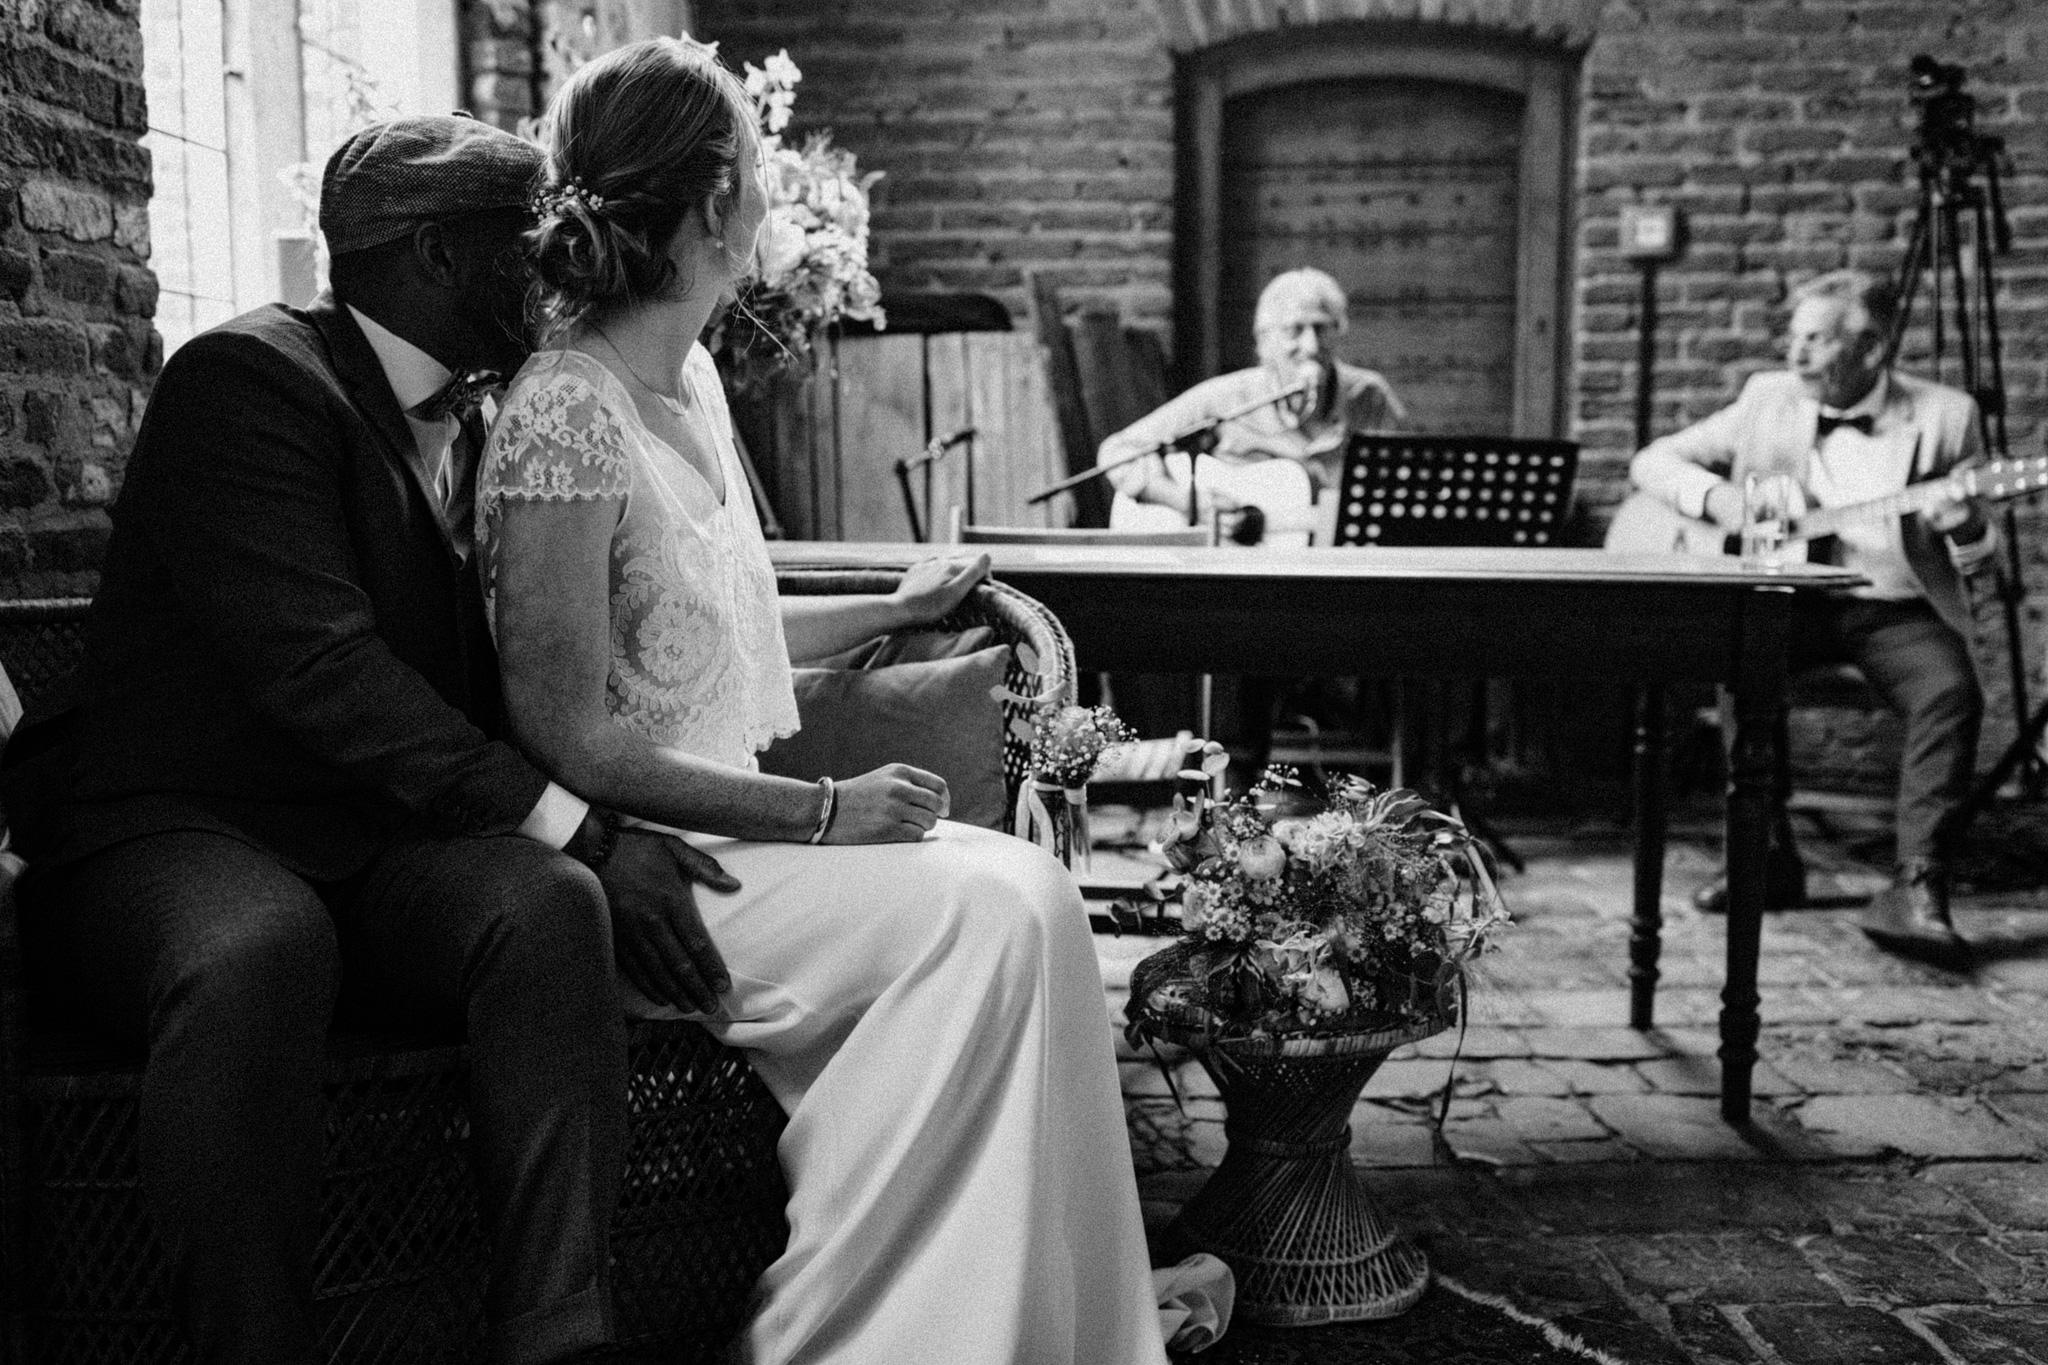 Bruid en bruidegom luisteren naar gitaarmuziek tijdens trouwceremonie Kloster Graefenthal